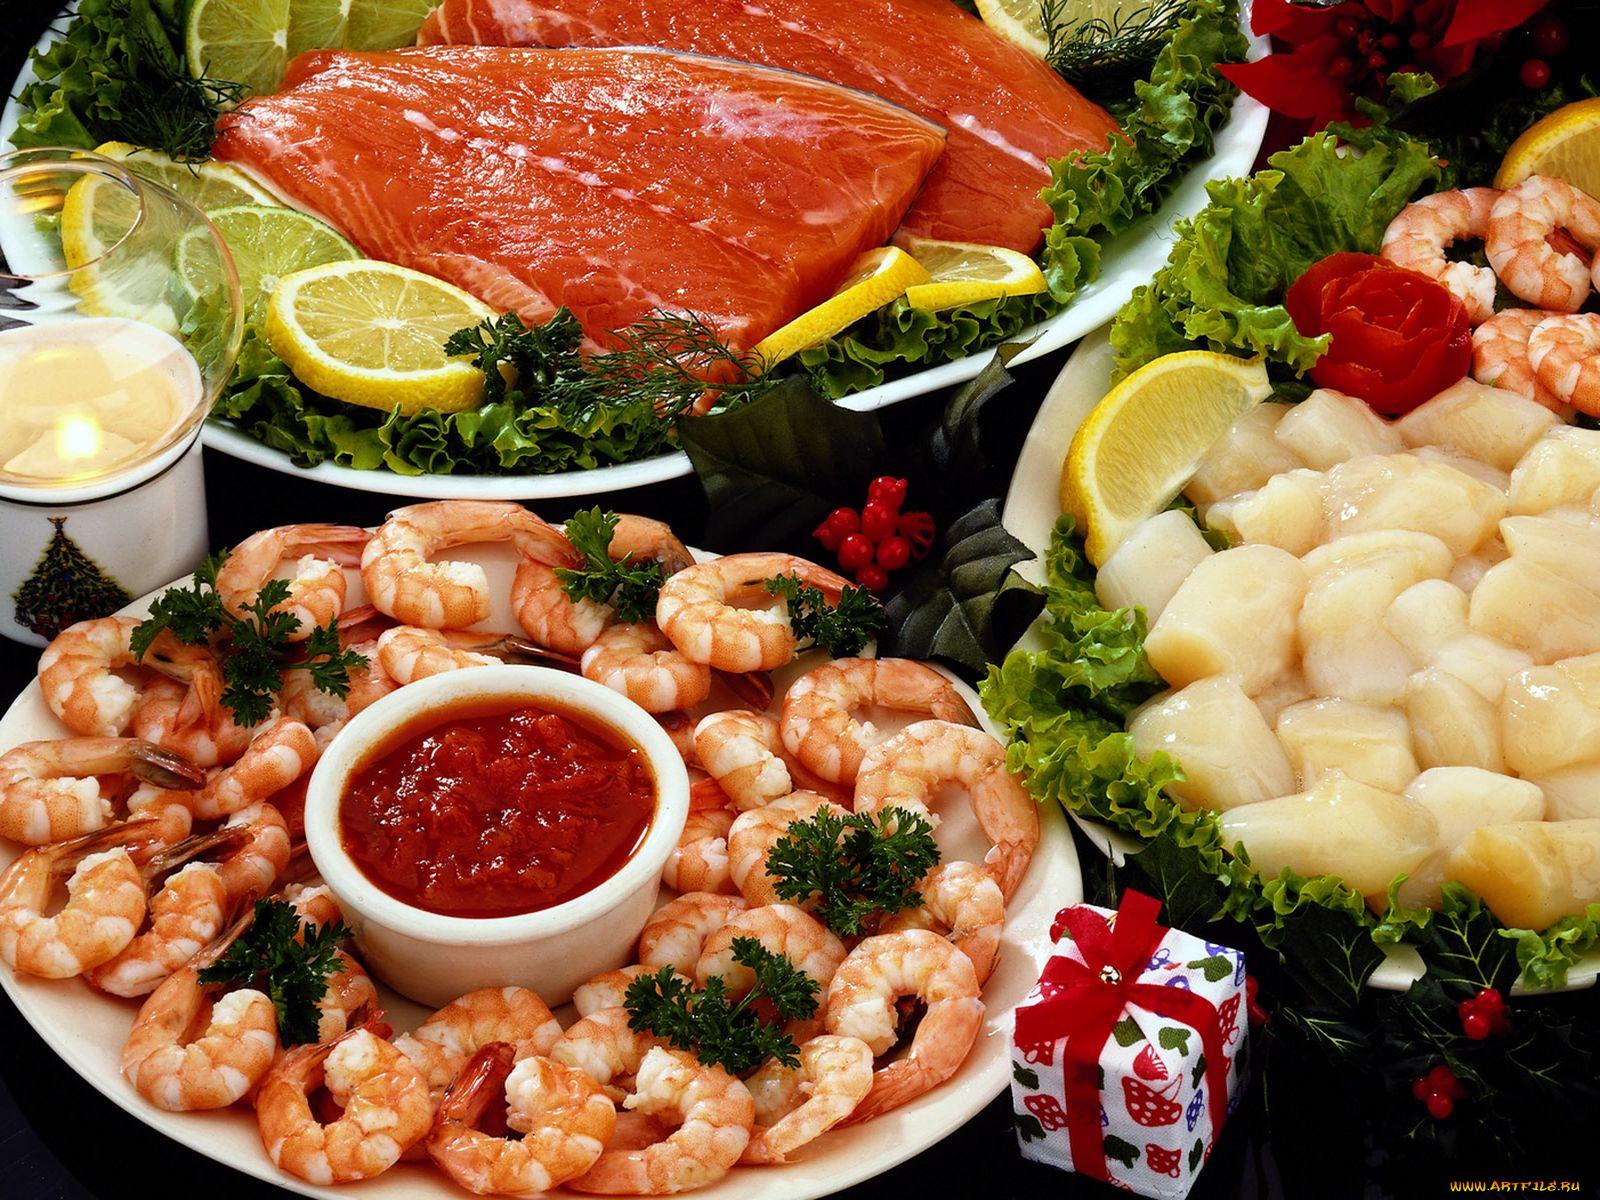 Открытка фотошоп, картинки с вкусной едой на столе много